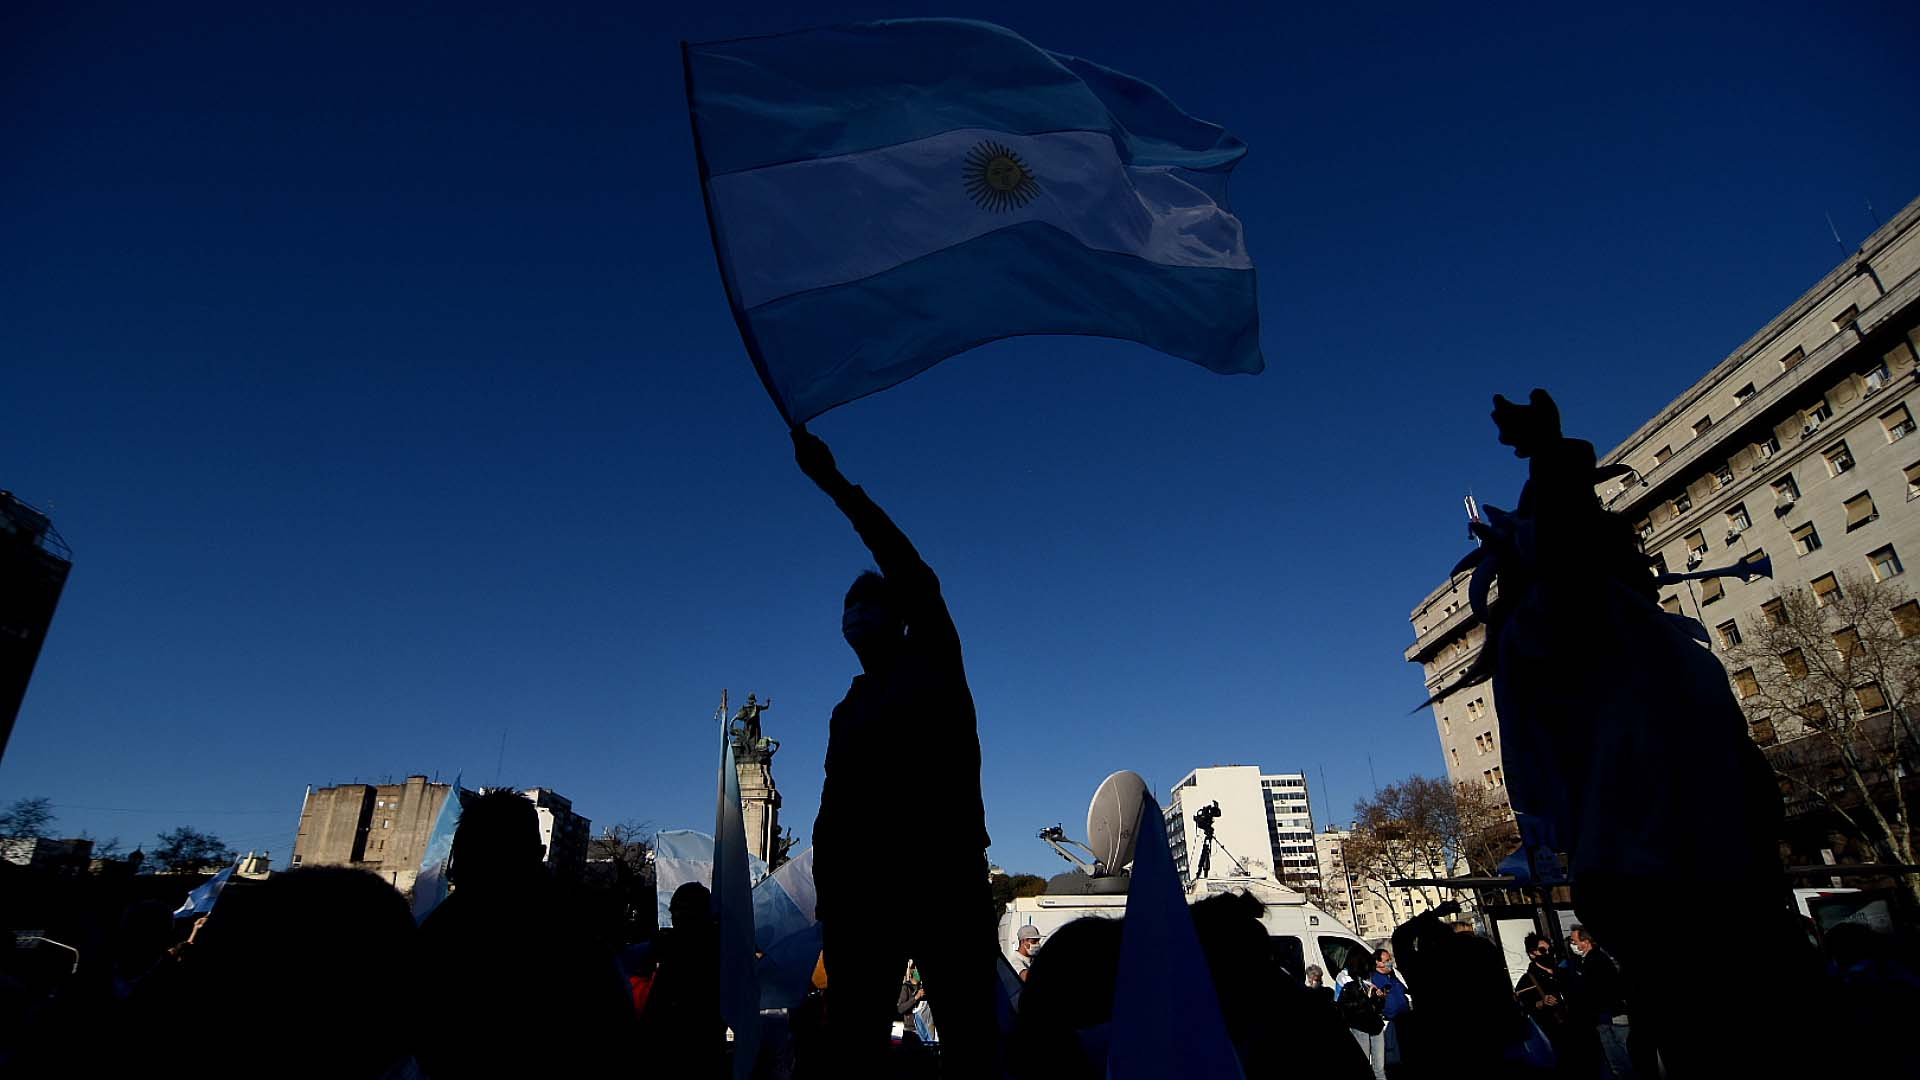 Una bandera argentina en el aire en el marco de una nueva marcha contra la reforma judicial